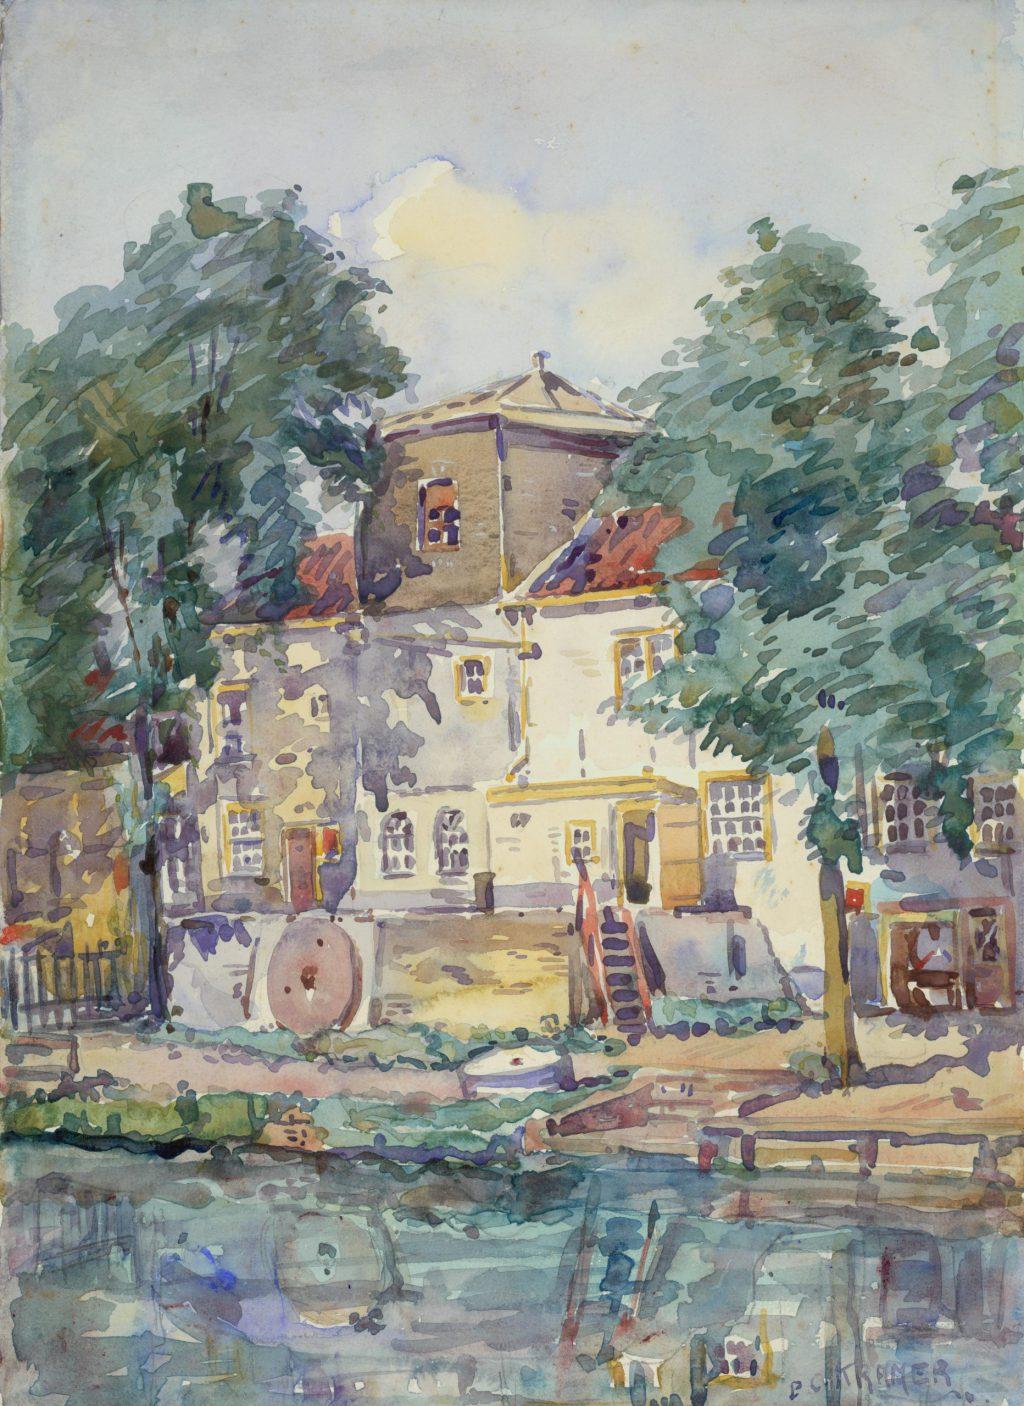 Piet Kramer, Voormalige oliemolen van Drost, De Otter, in de Phoenixstraat, 1917 (TMS 64868)